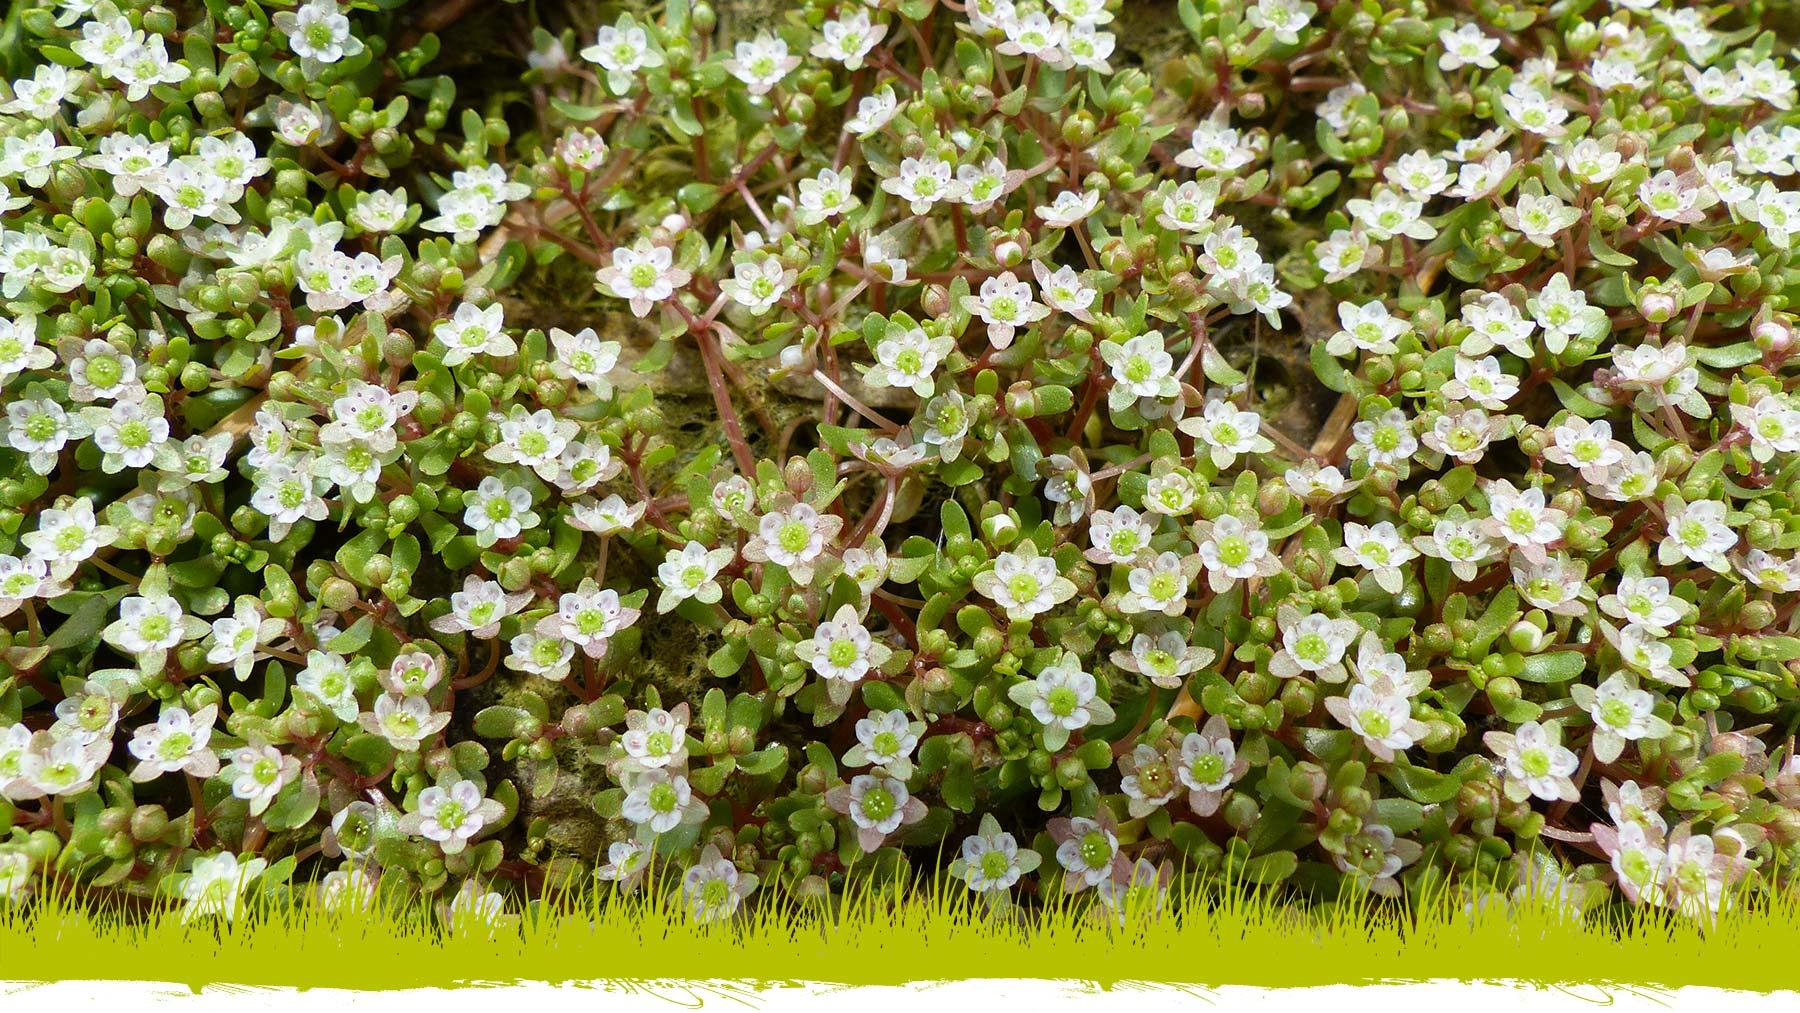 Élatine à long pédicelles : la flore de la Réserve naturelle régionale du Marais de la Vacherie